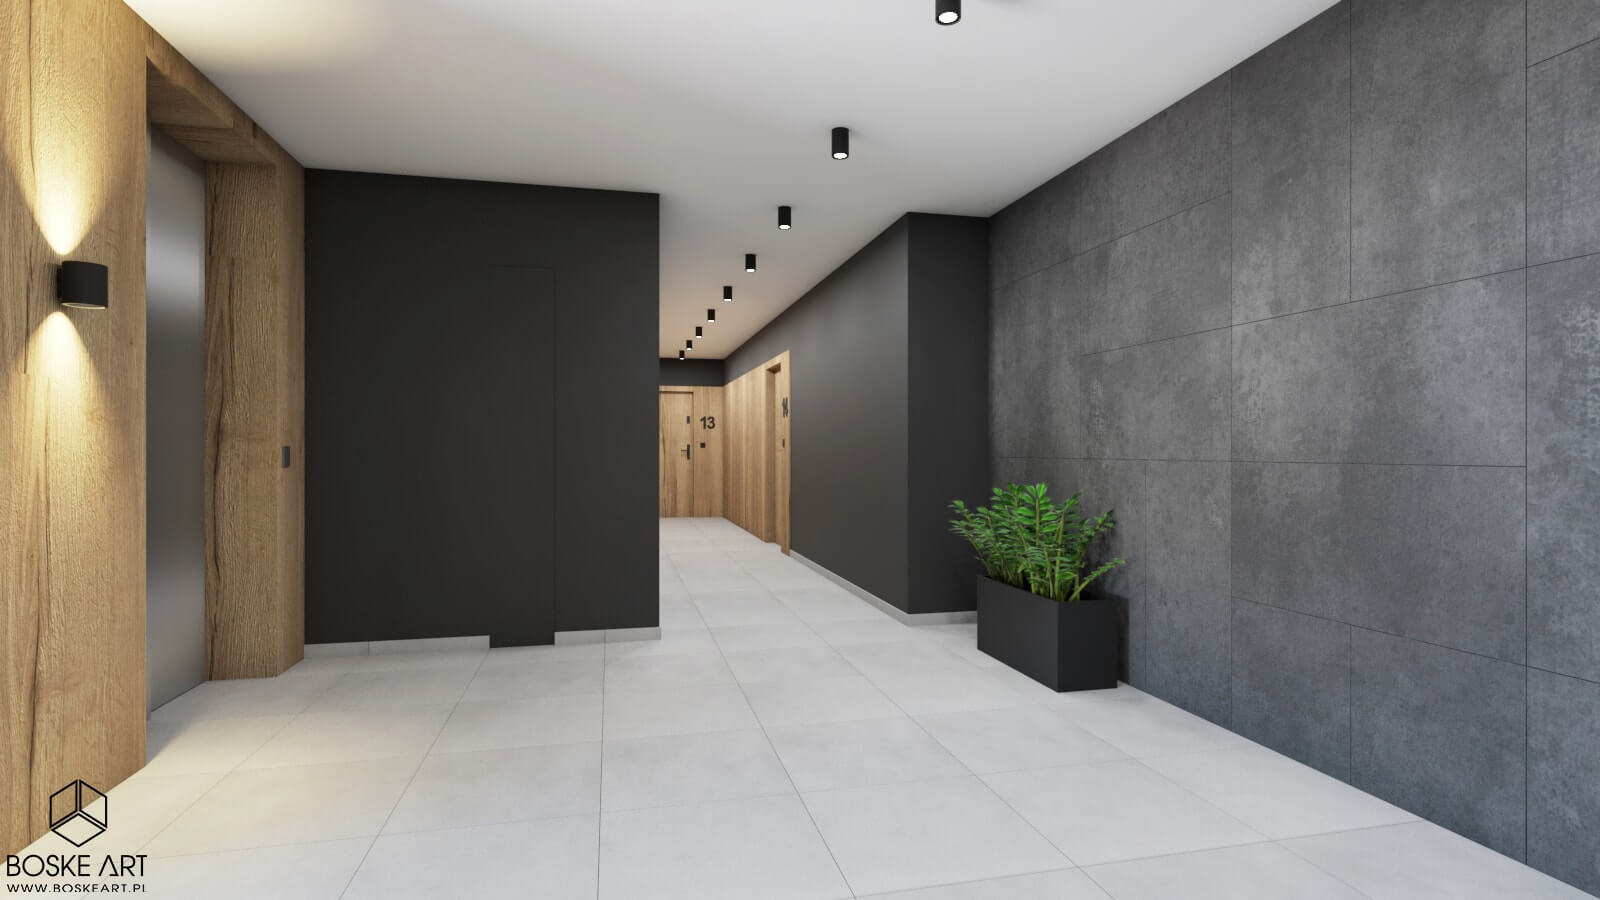 7_apartamenty_poznan_boske_art_strefa_wejsciowa_projektowanie_wnetrz_architektura_natalia_robaszkiewicz-min